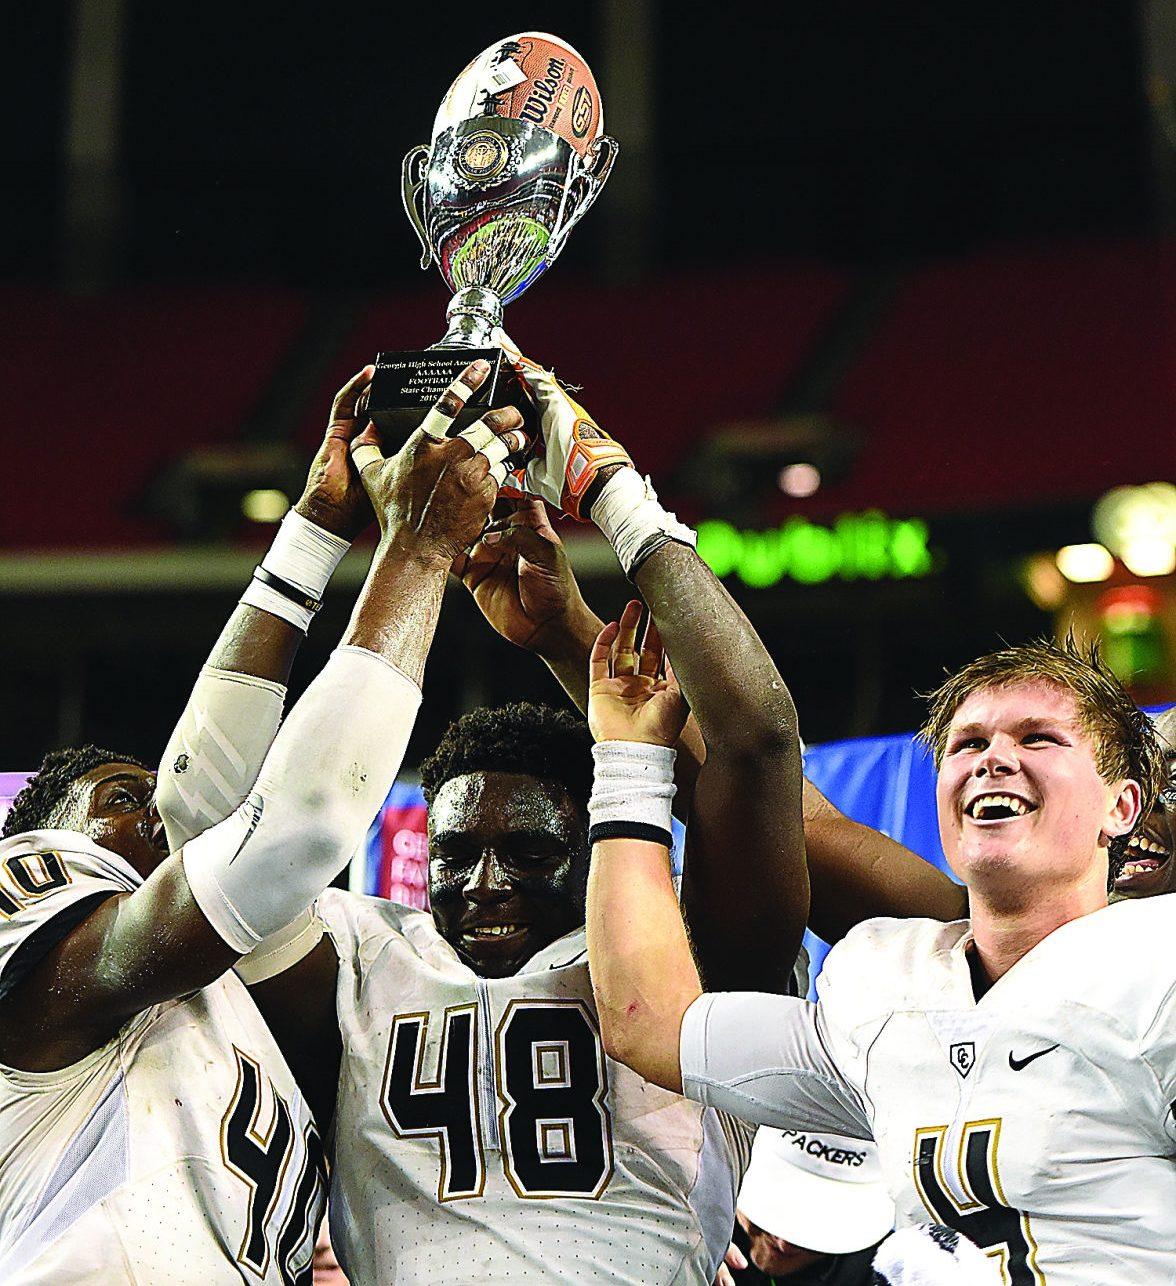 2nd State Championship